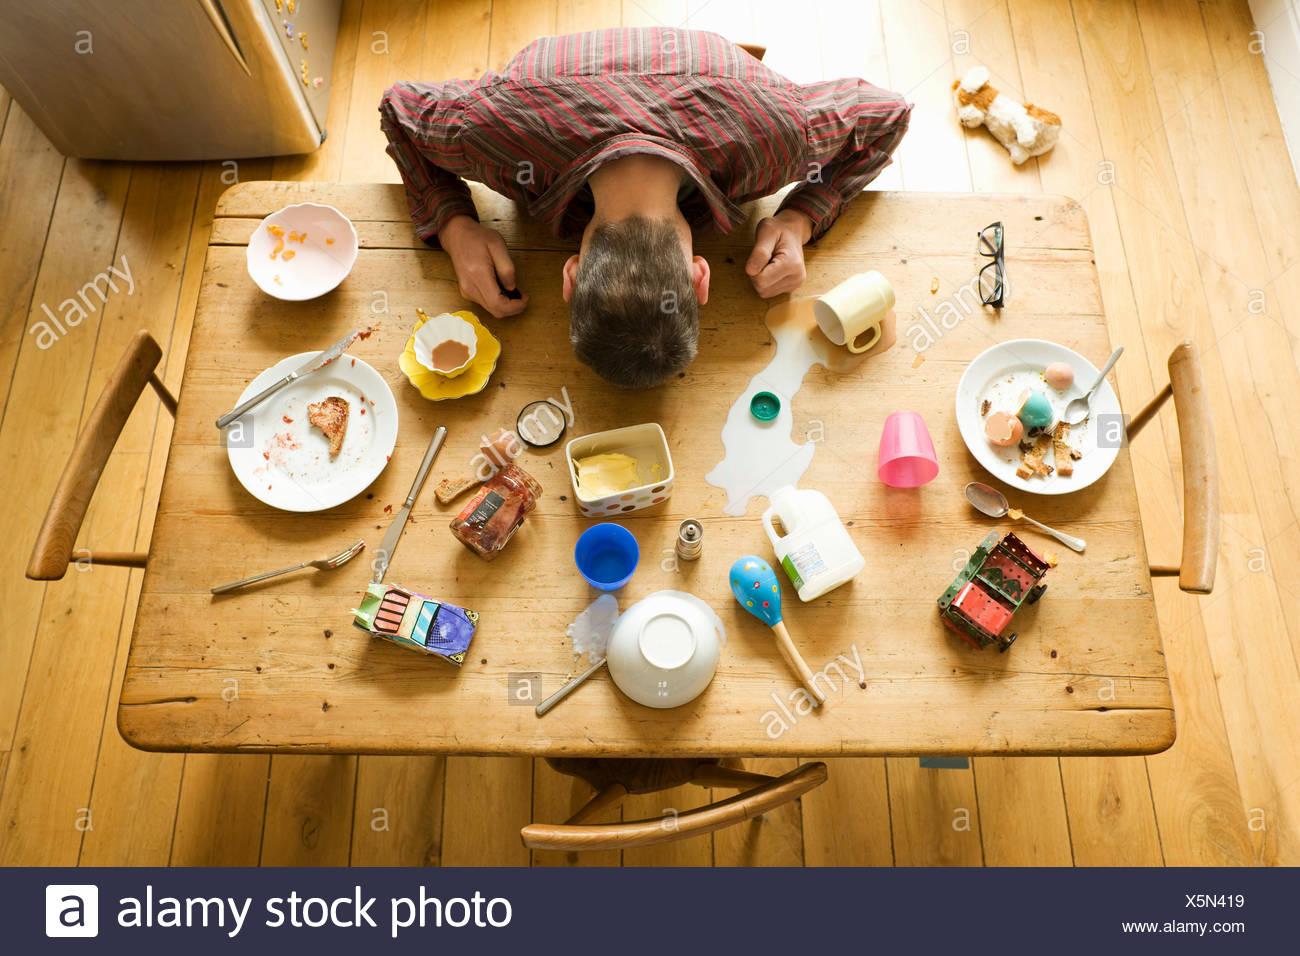 Vista aérea de la mesa de desayuno con hombre maduro entre placas desordenadas Imagen De Stock